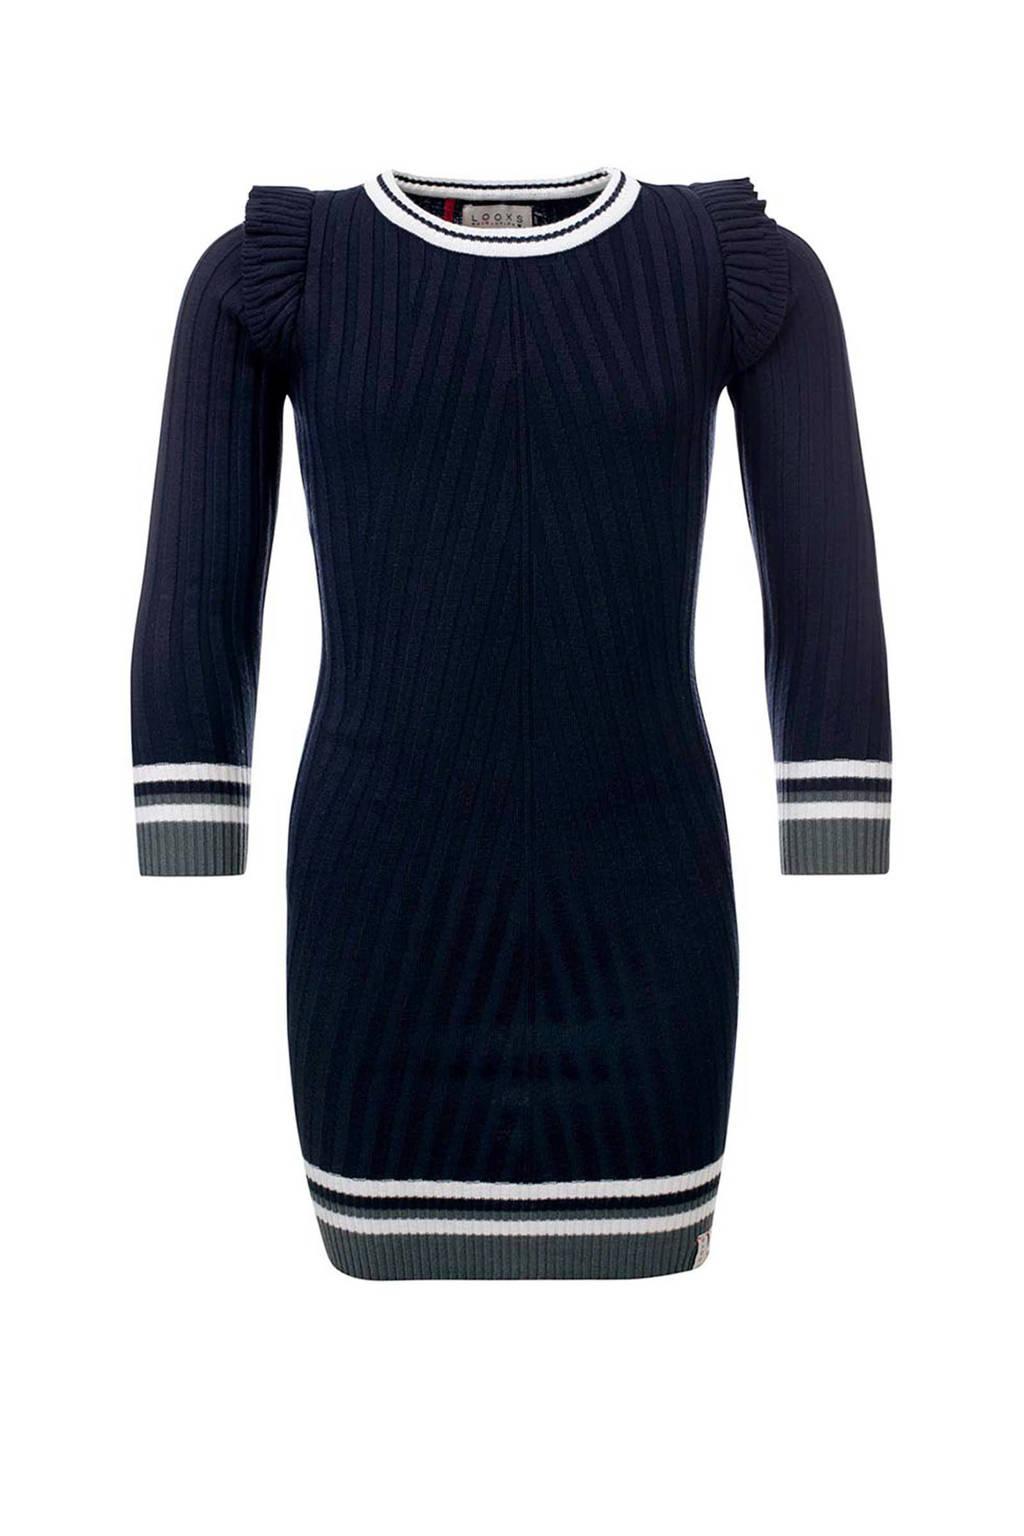 LOOXS gebreide jurk met ruches blauw, Marine